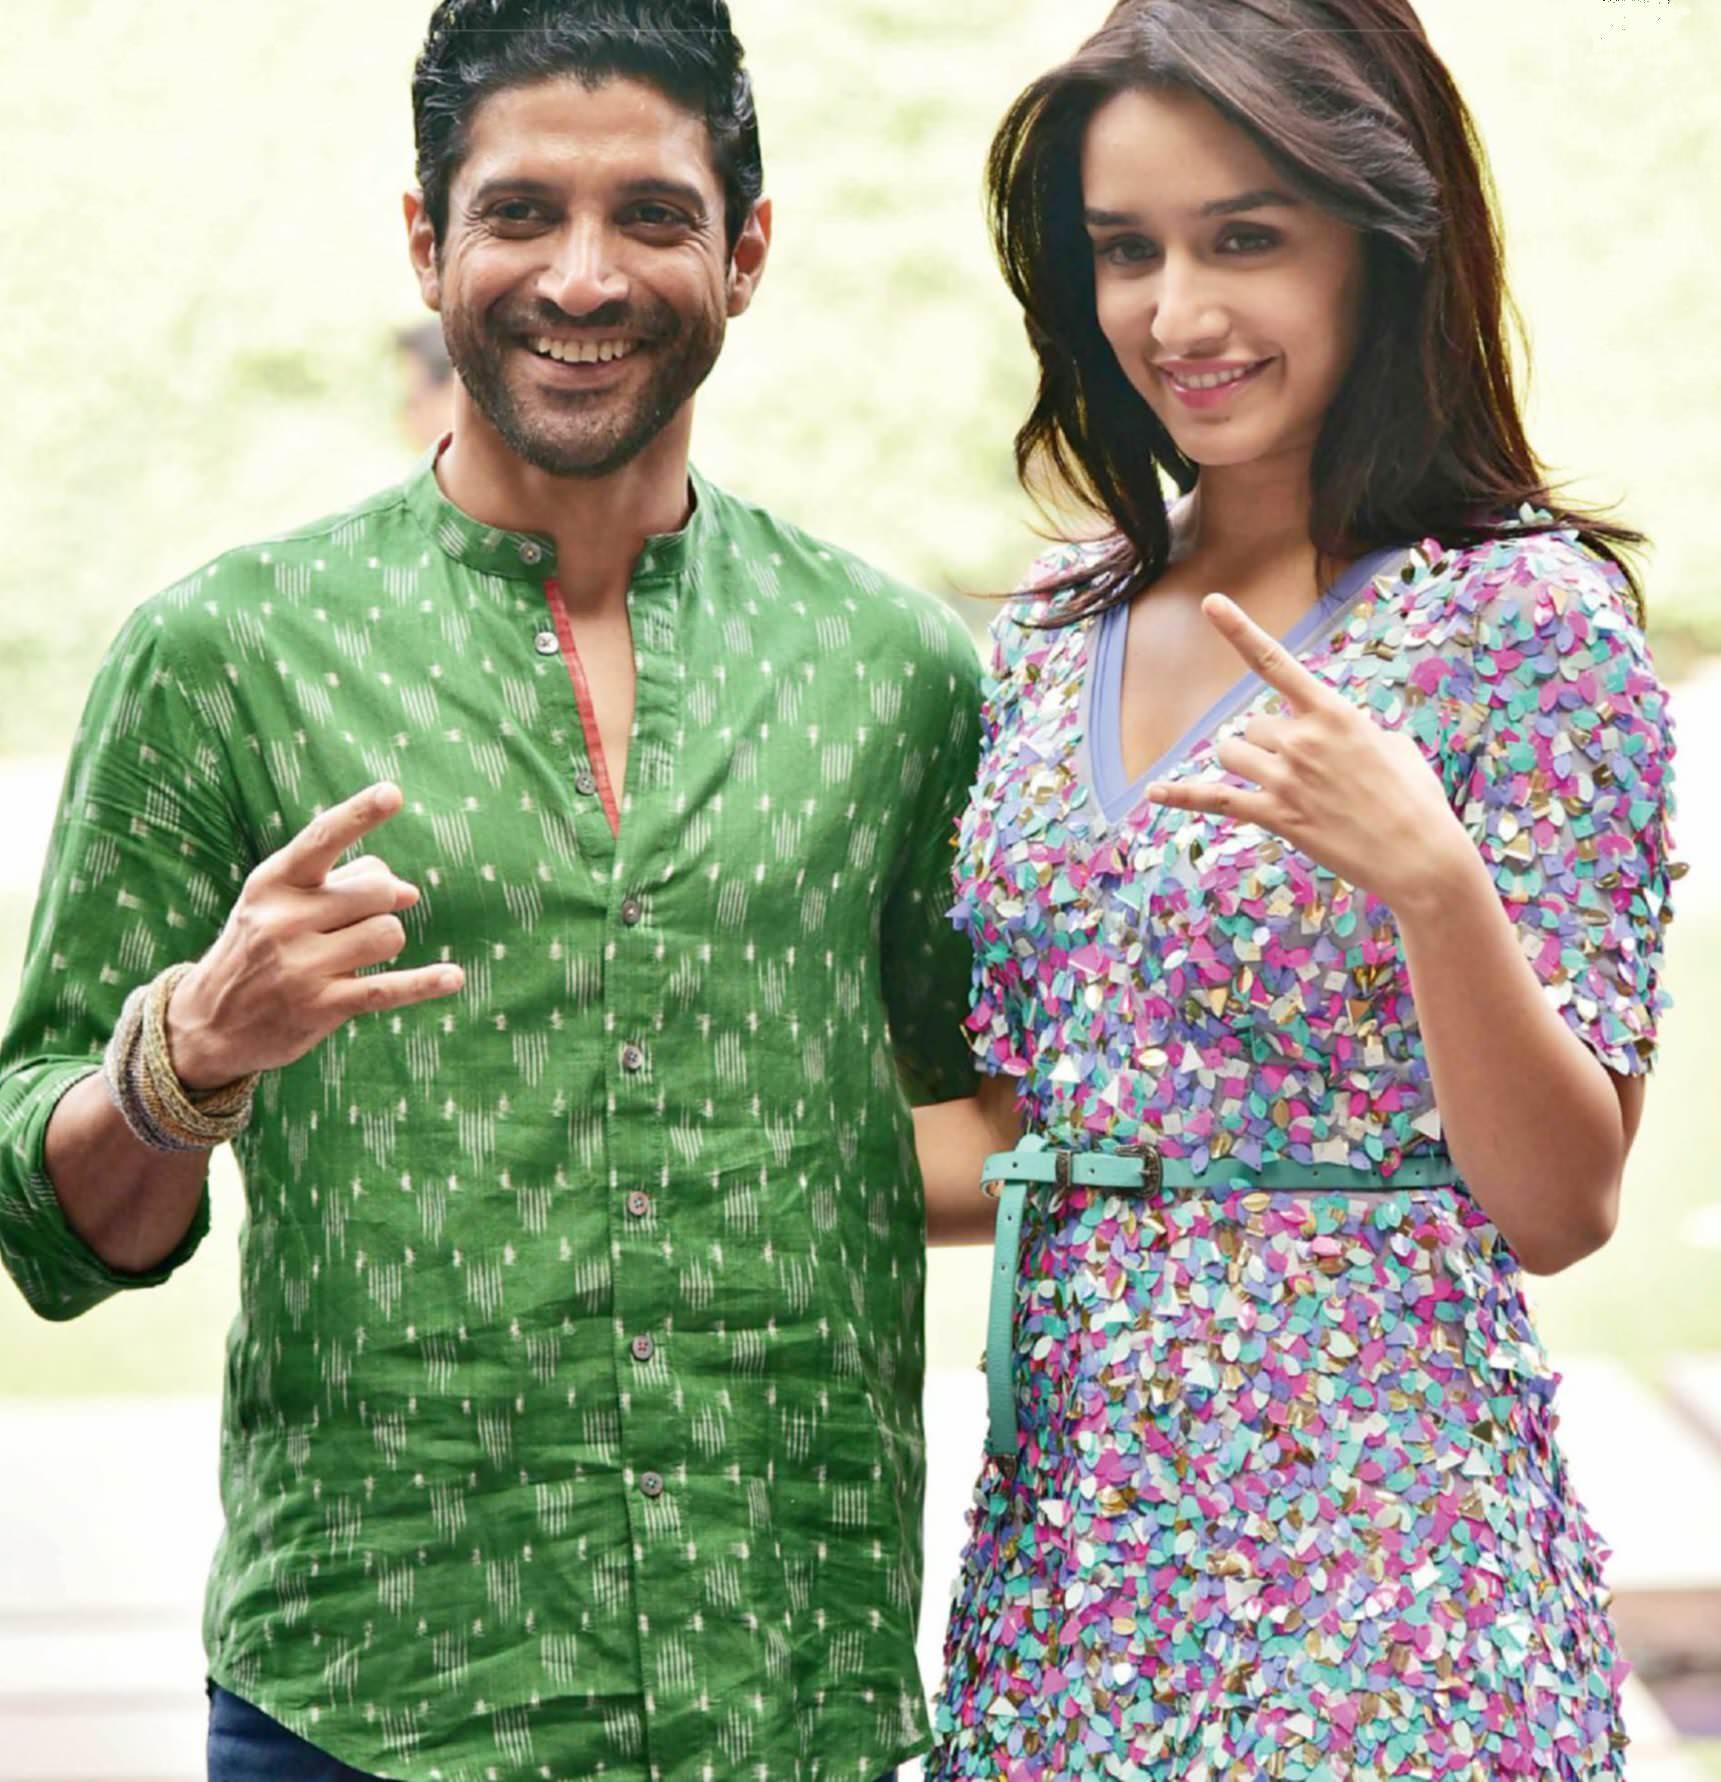 Farhan Akhtar: Bollywood's Casanova